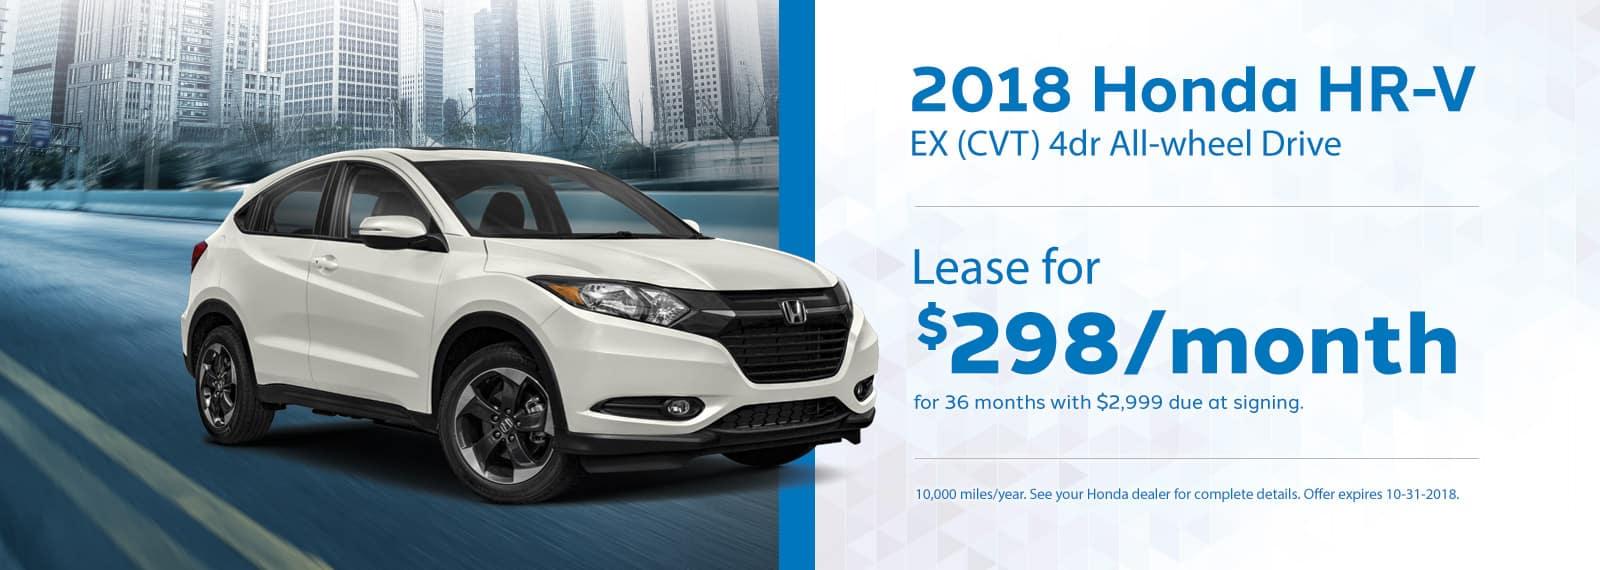 HRV Genthe Honda Lease Offer September 2018 Homepage